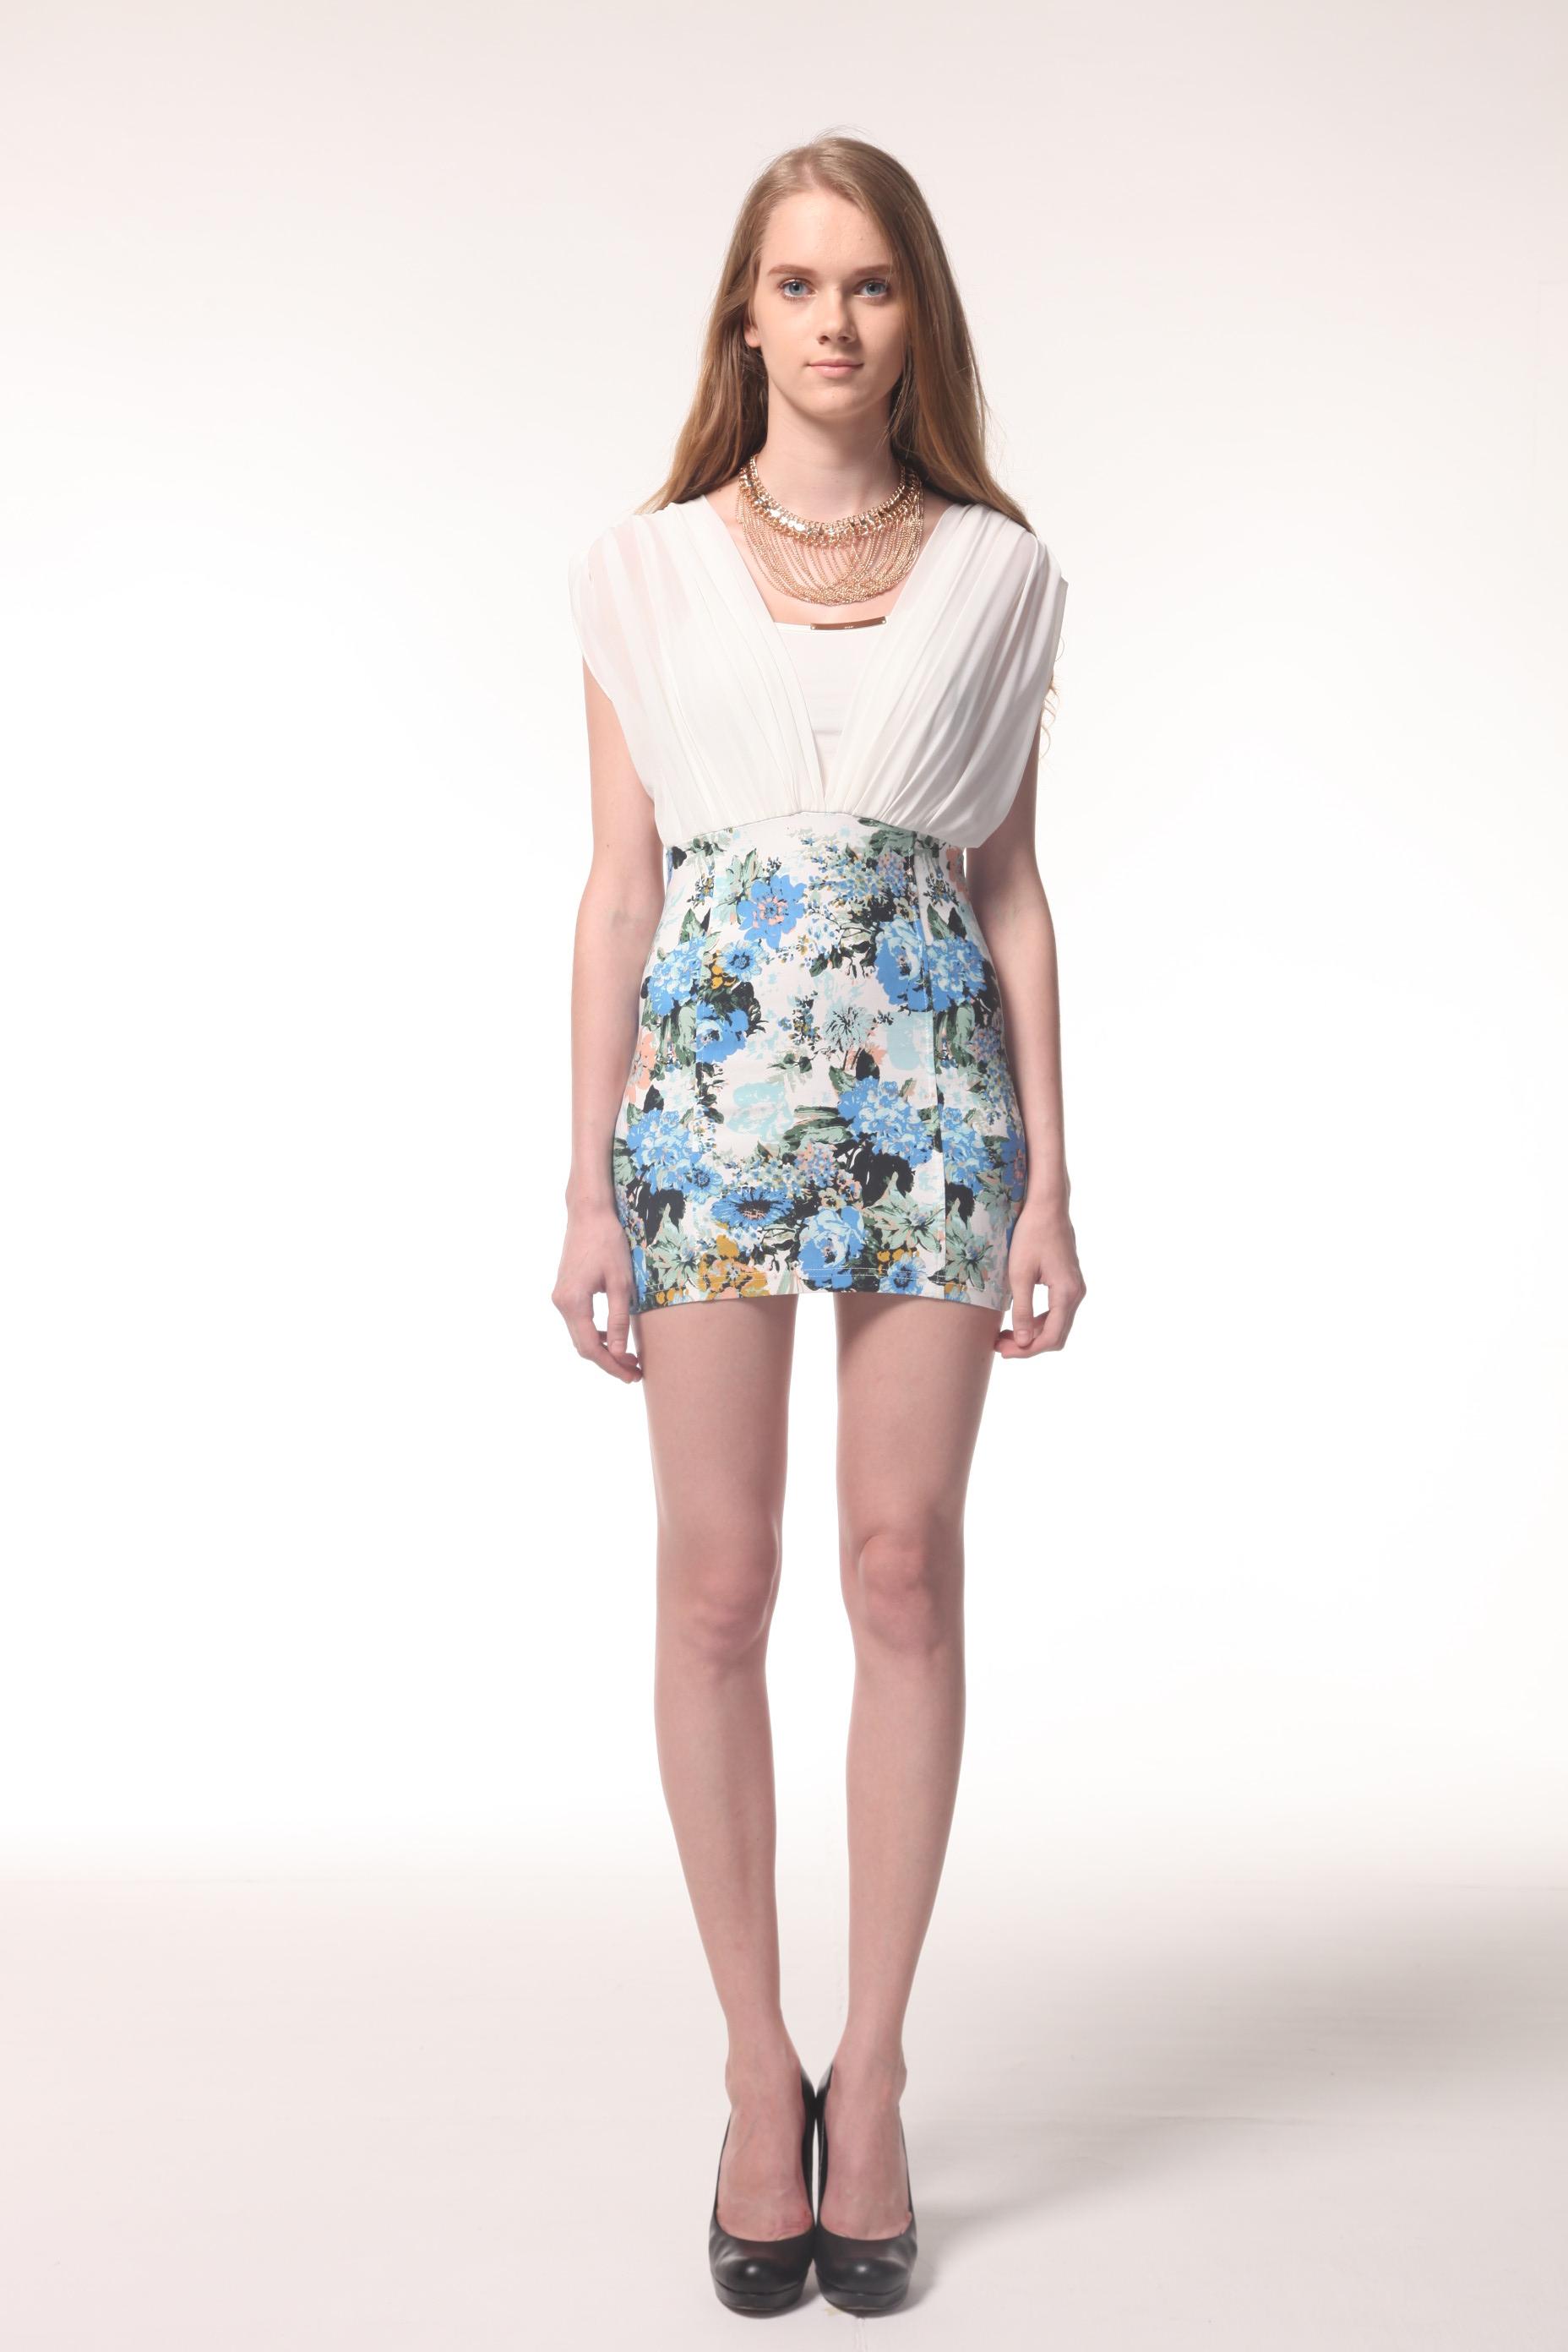 虎门女装品牌加盟韩国进口女装品牌加盟广州时尚女装加盟